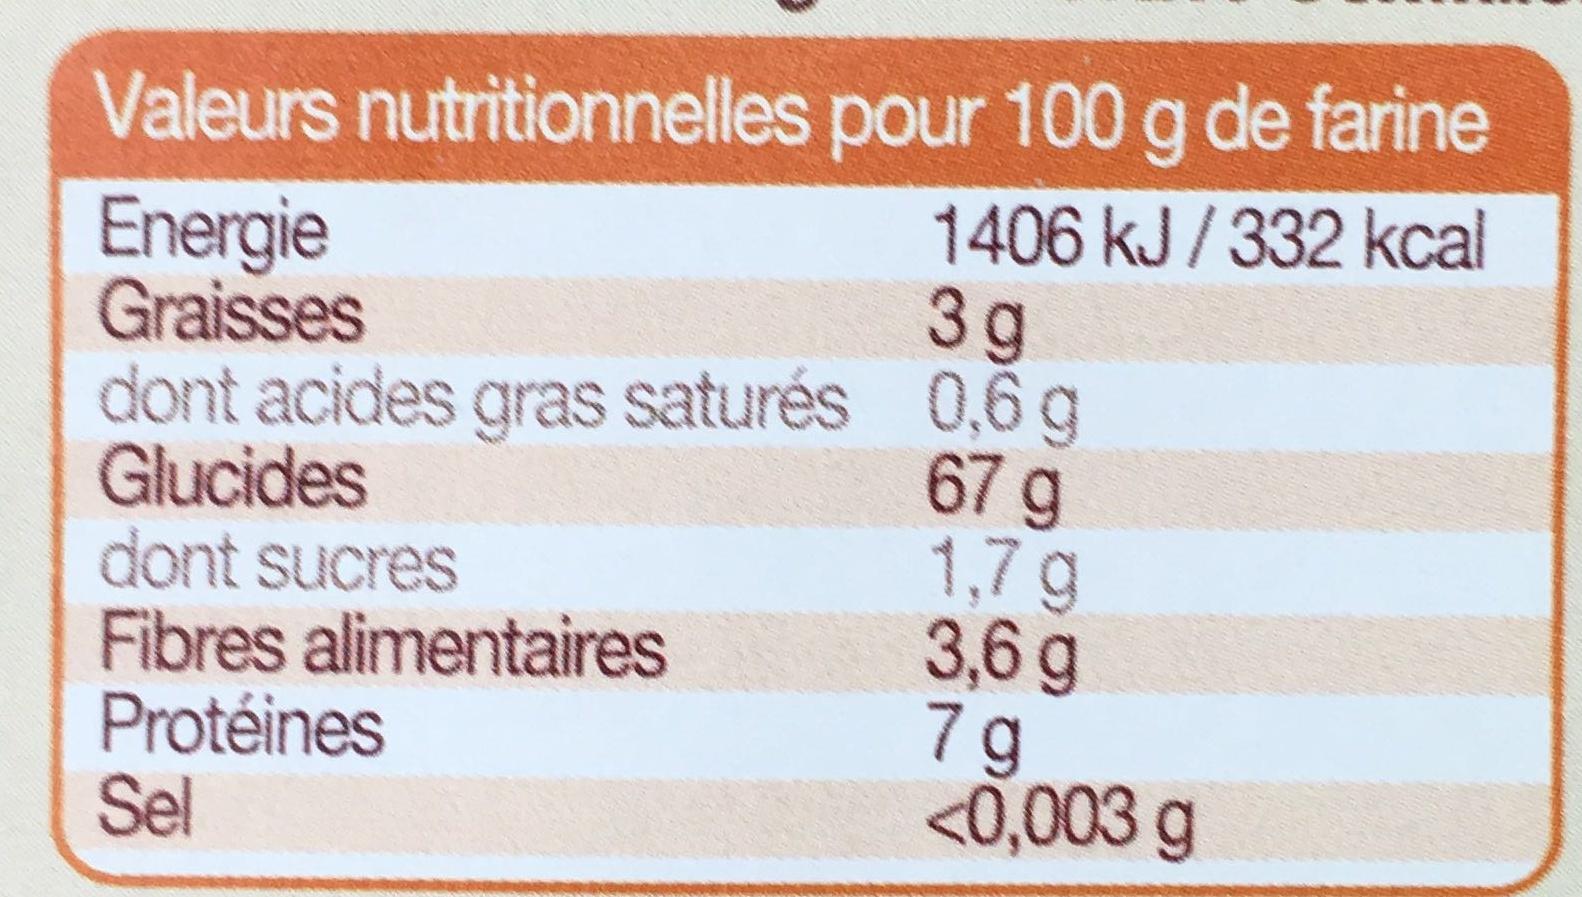 Farine complète de riz - Informations nutritionnelles - fr